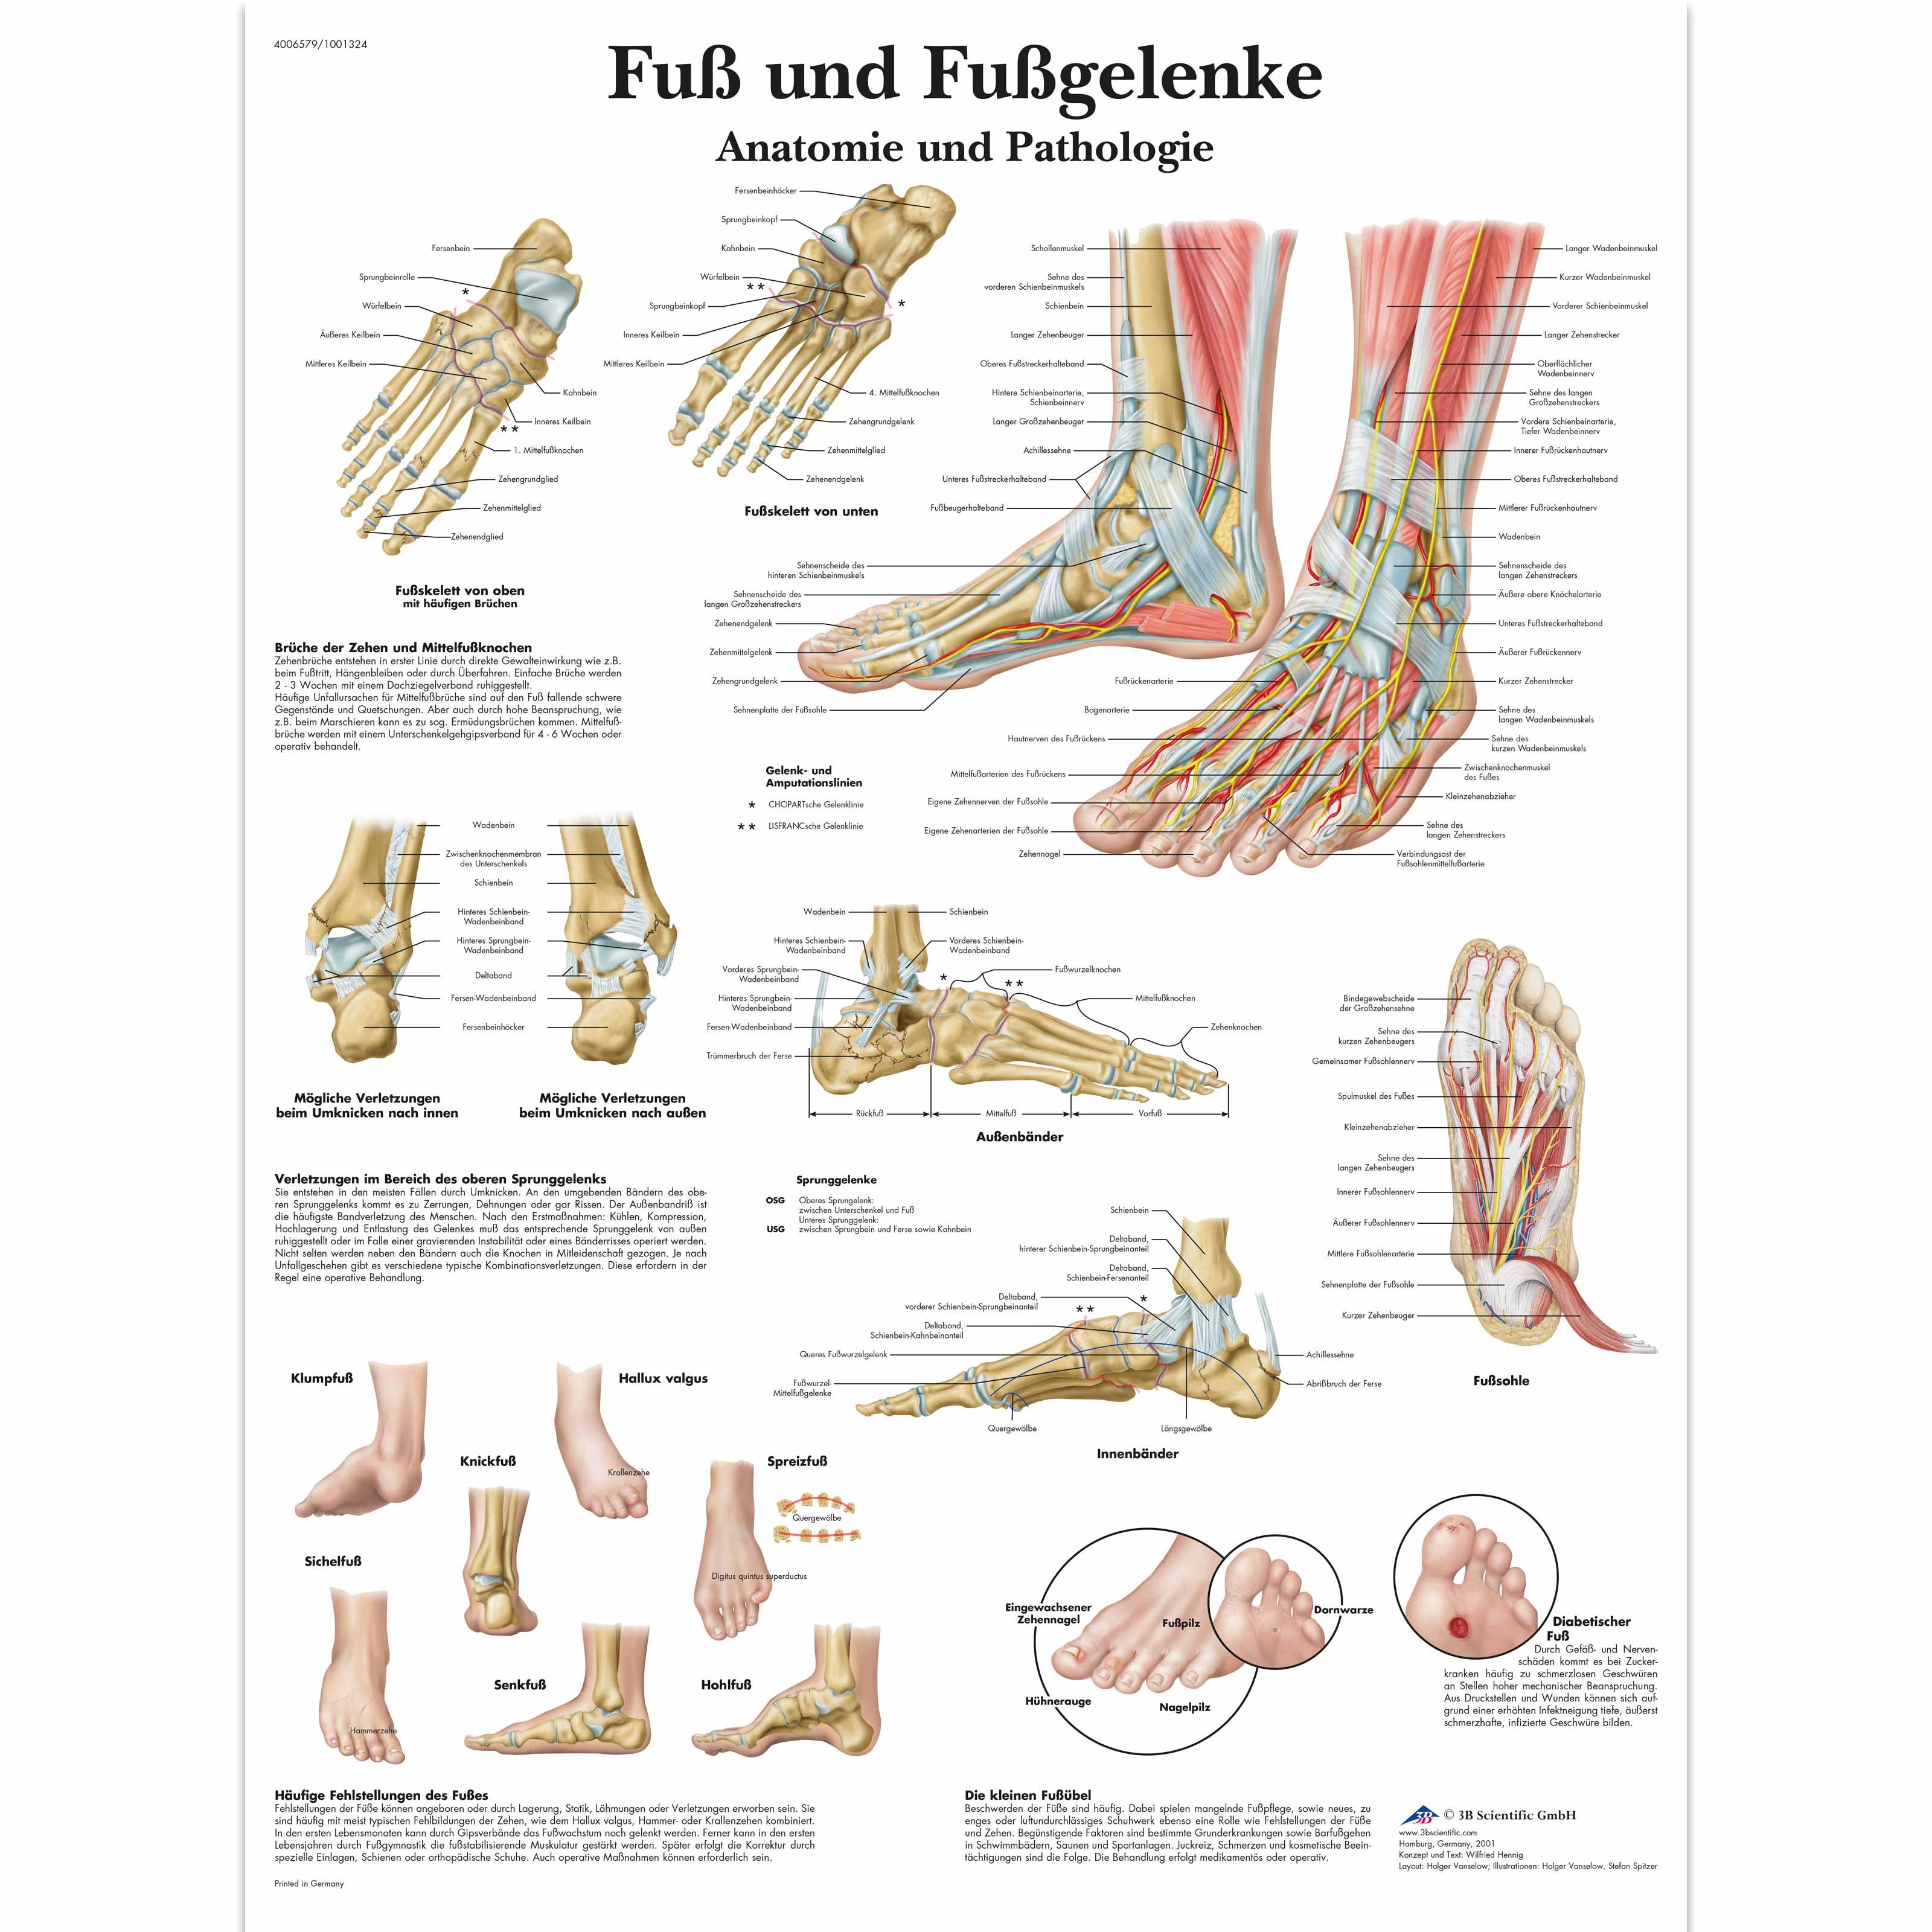 Nett Menschliche Fuß Anatomie Bilder - Menschliche Anatomie Bilder ...